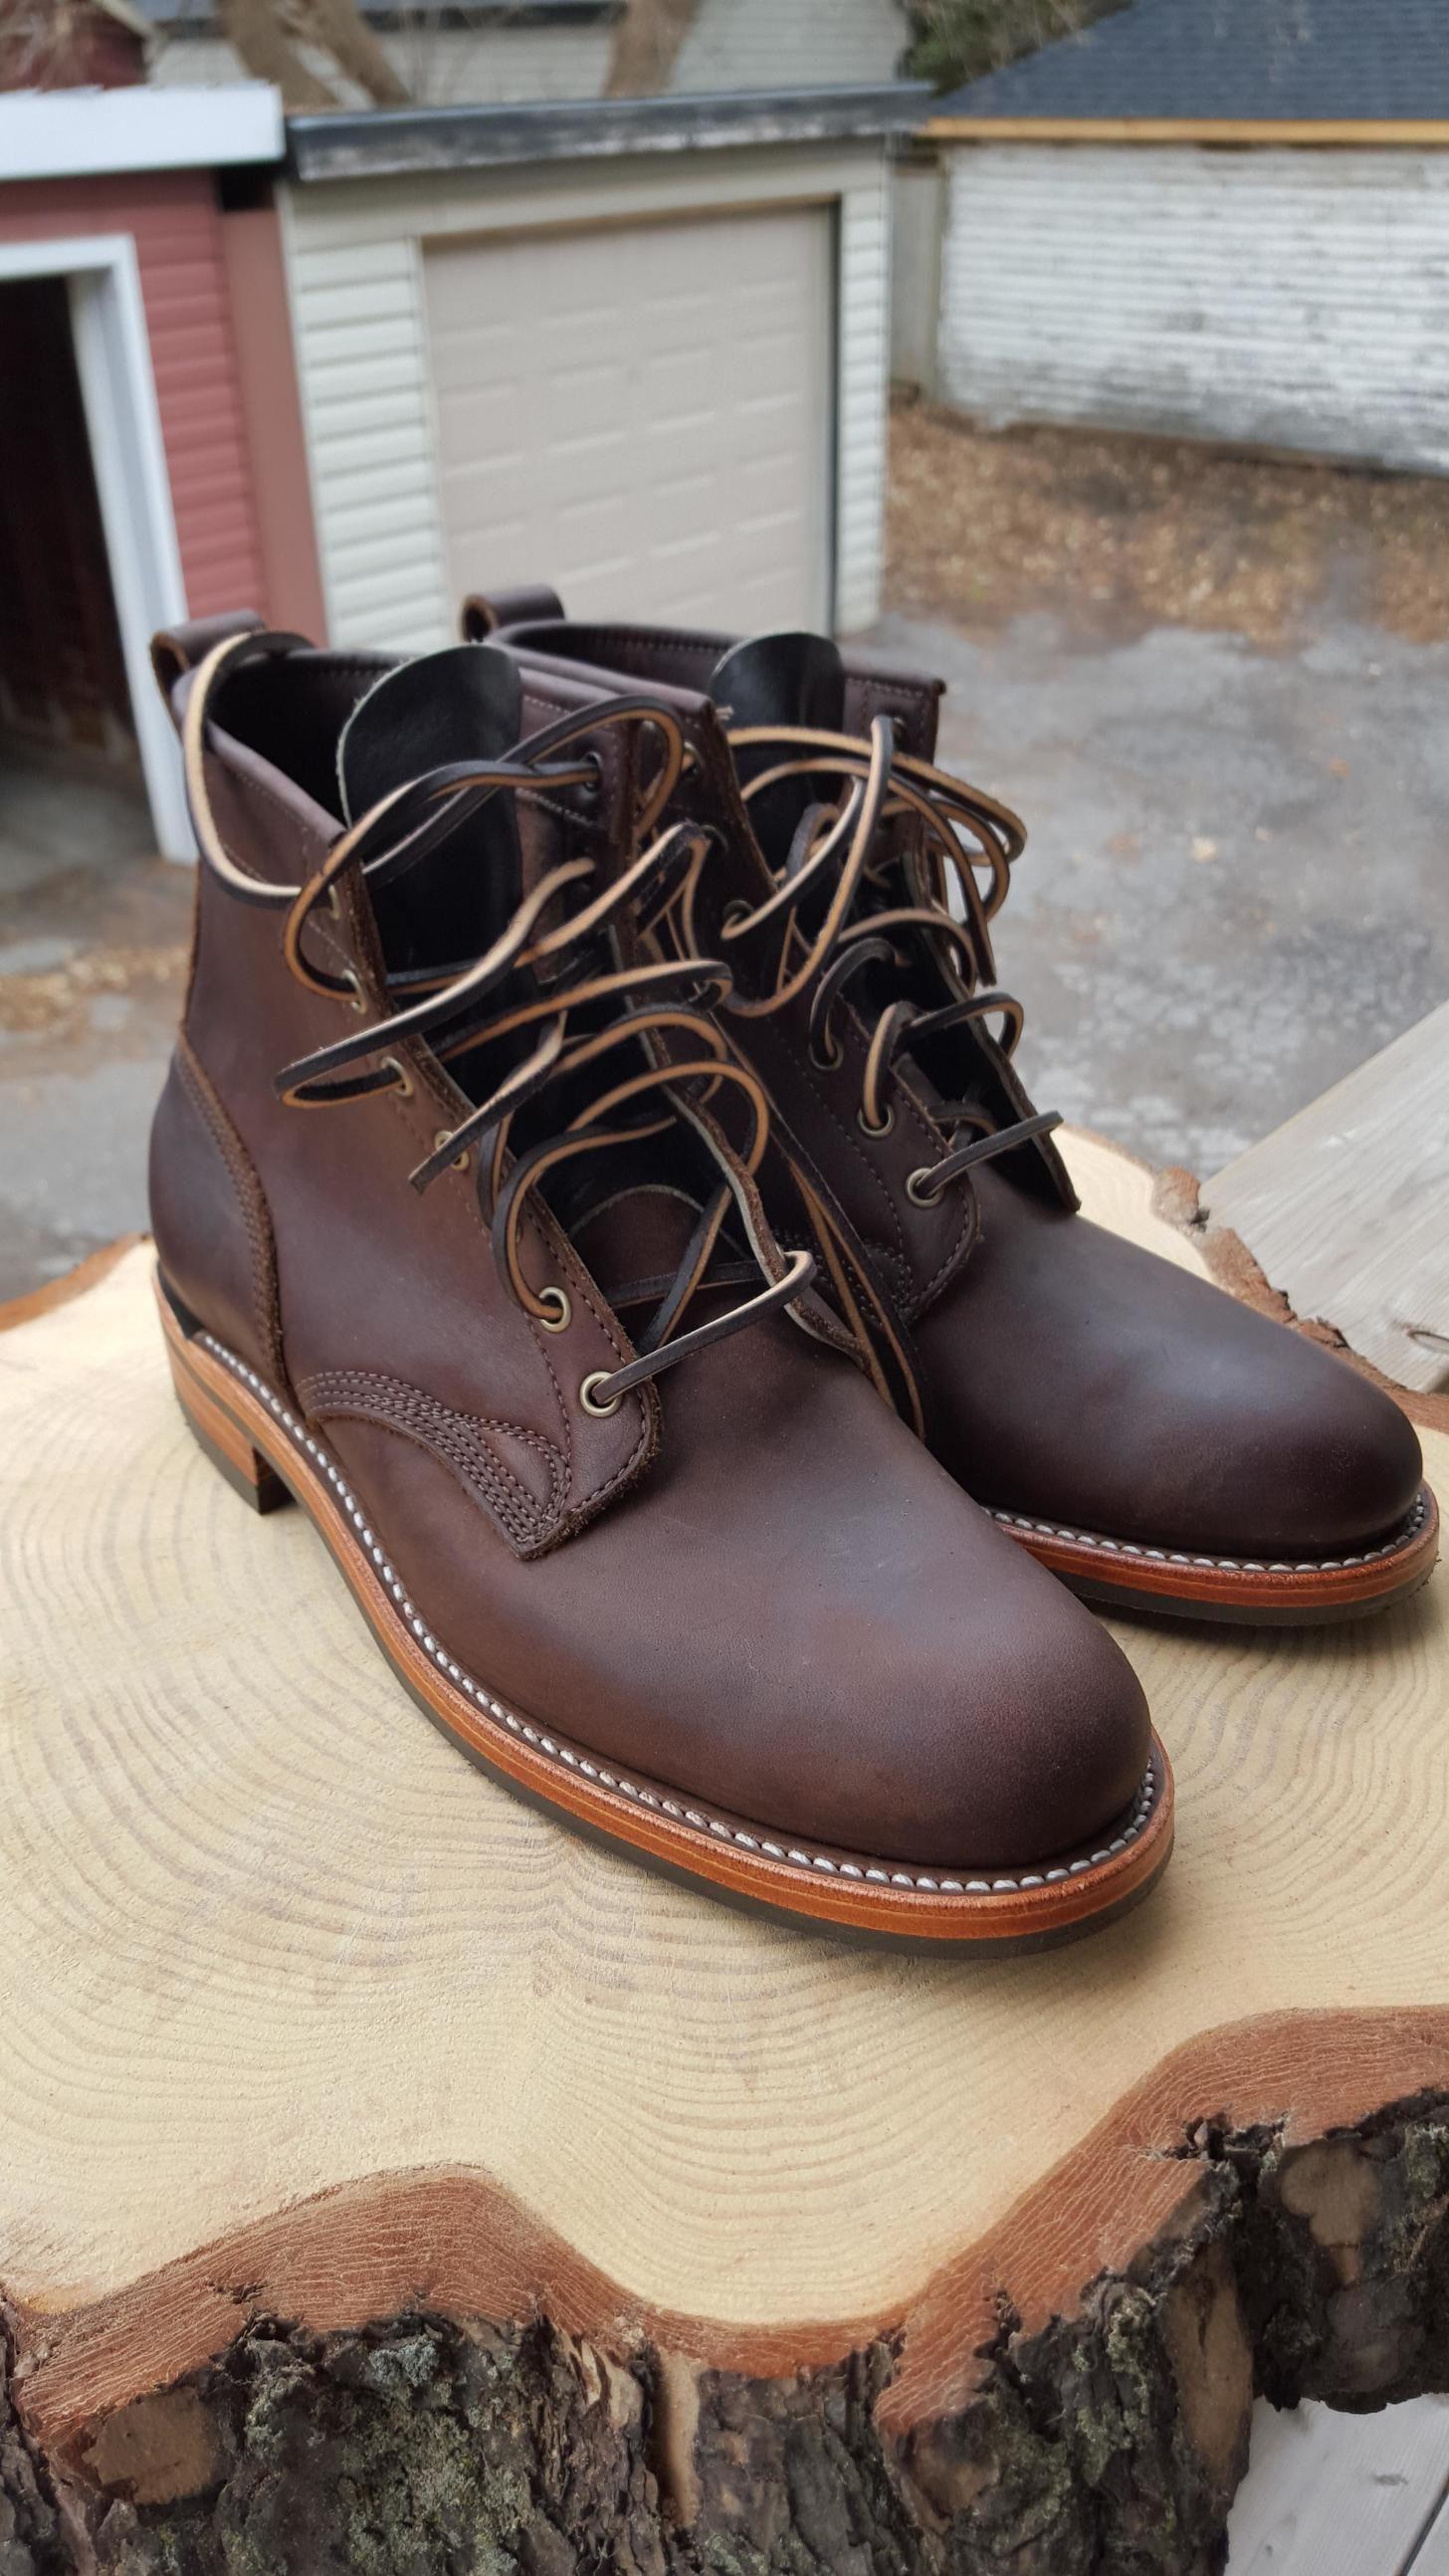 d37e58b0e2b Dayton Brown Oil Tan Service Boots | Boots | Boots, Dayton boots, Brown